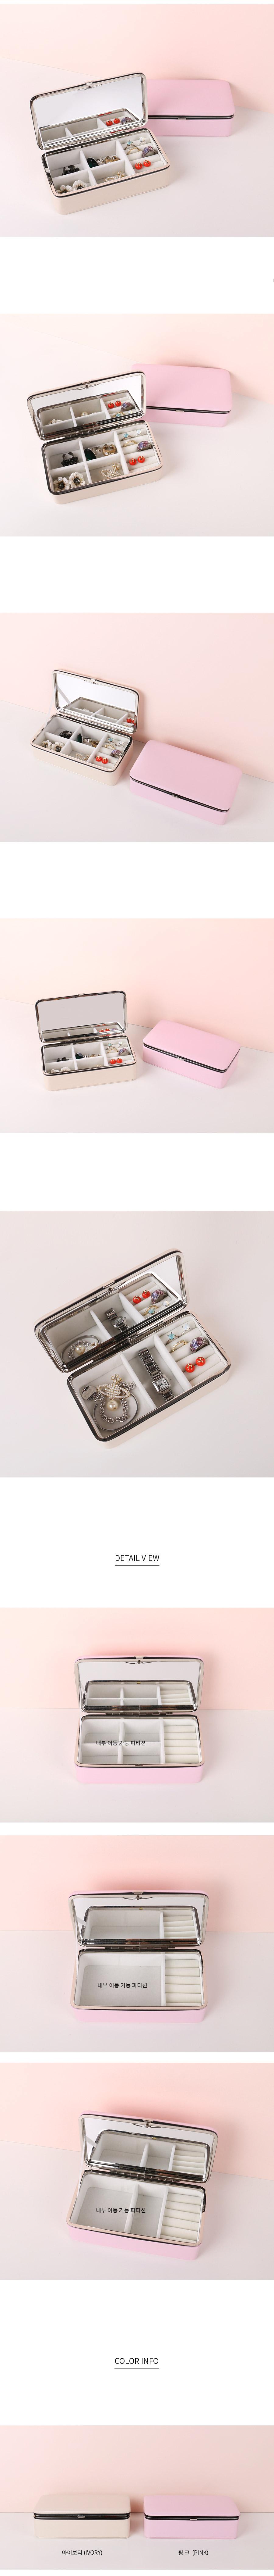 거울 귀걸이 반지 악세사리보관 보석함 - 릴리, 16,000원, 보관함/진열대, 주얼리보관함